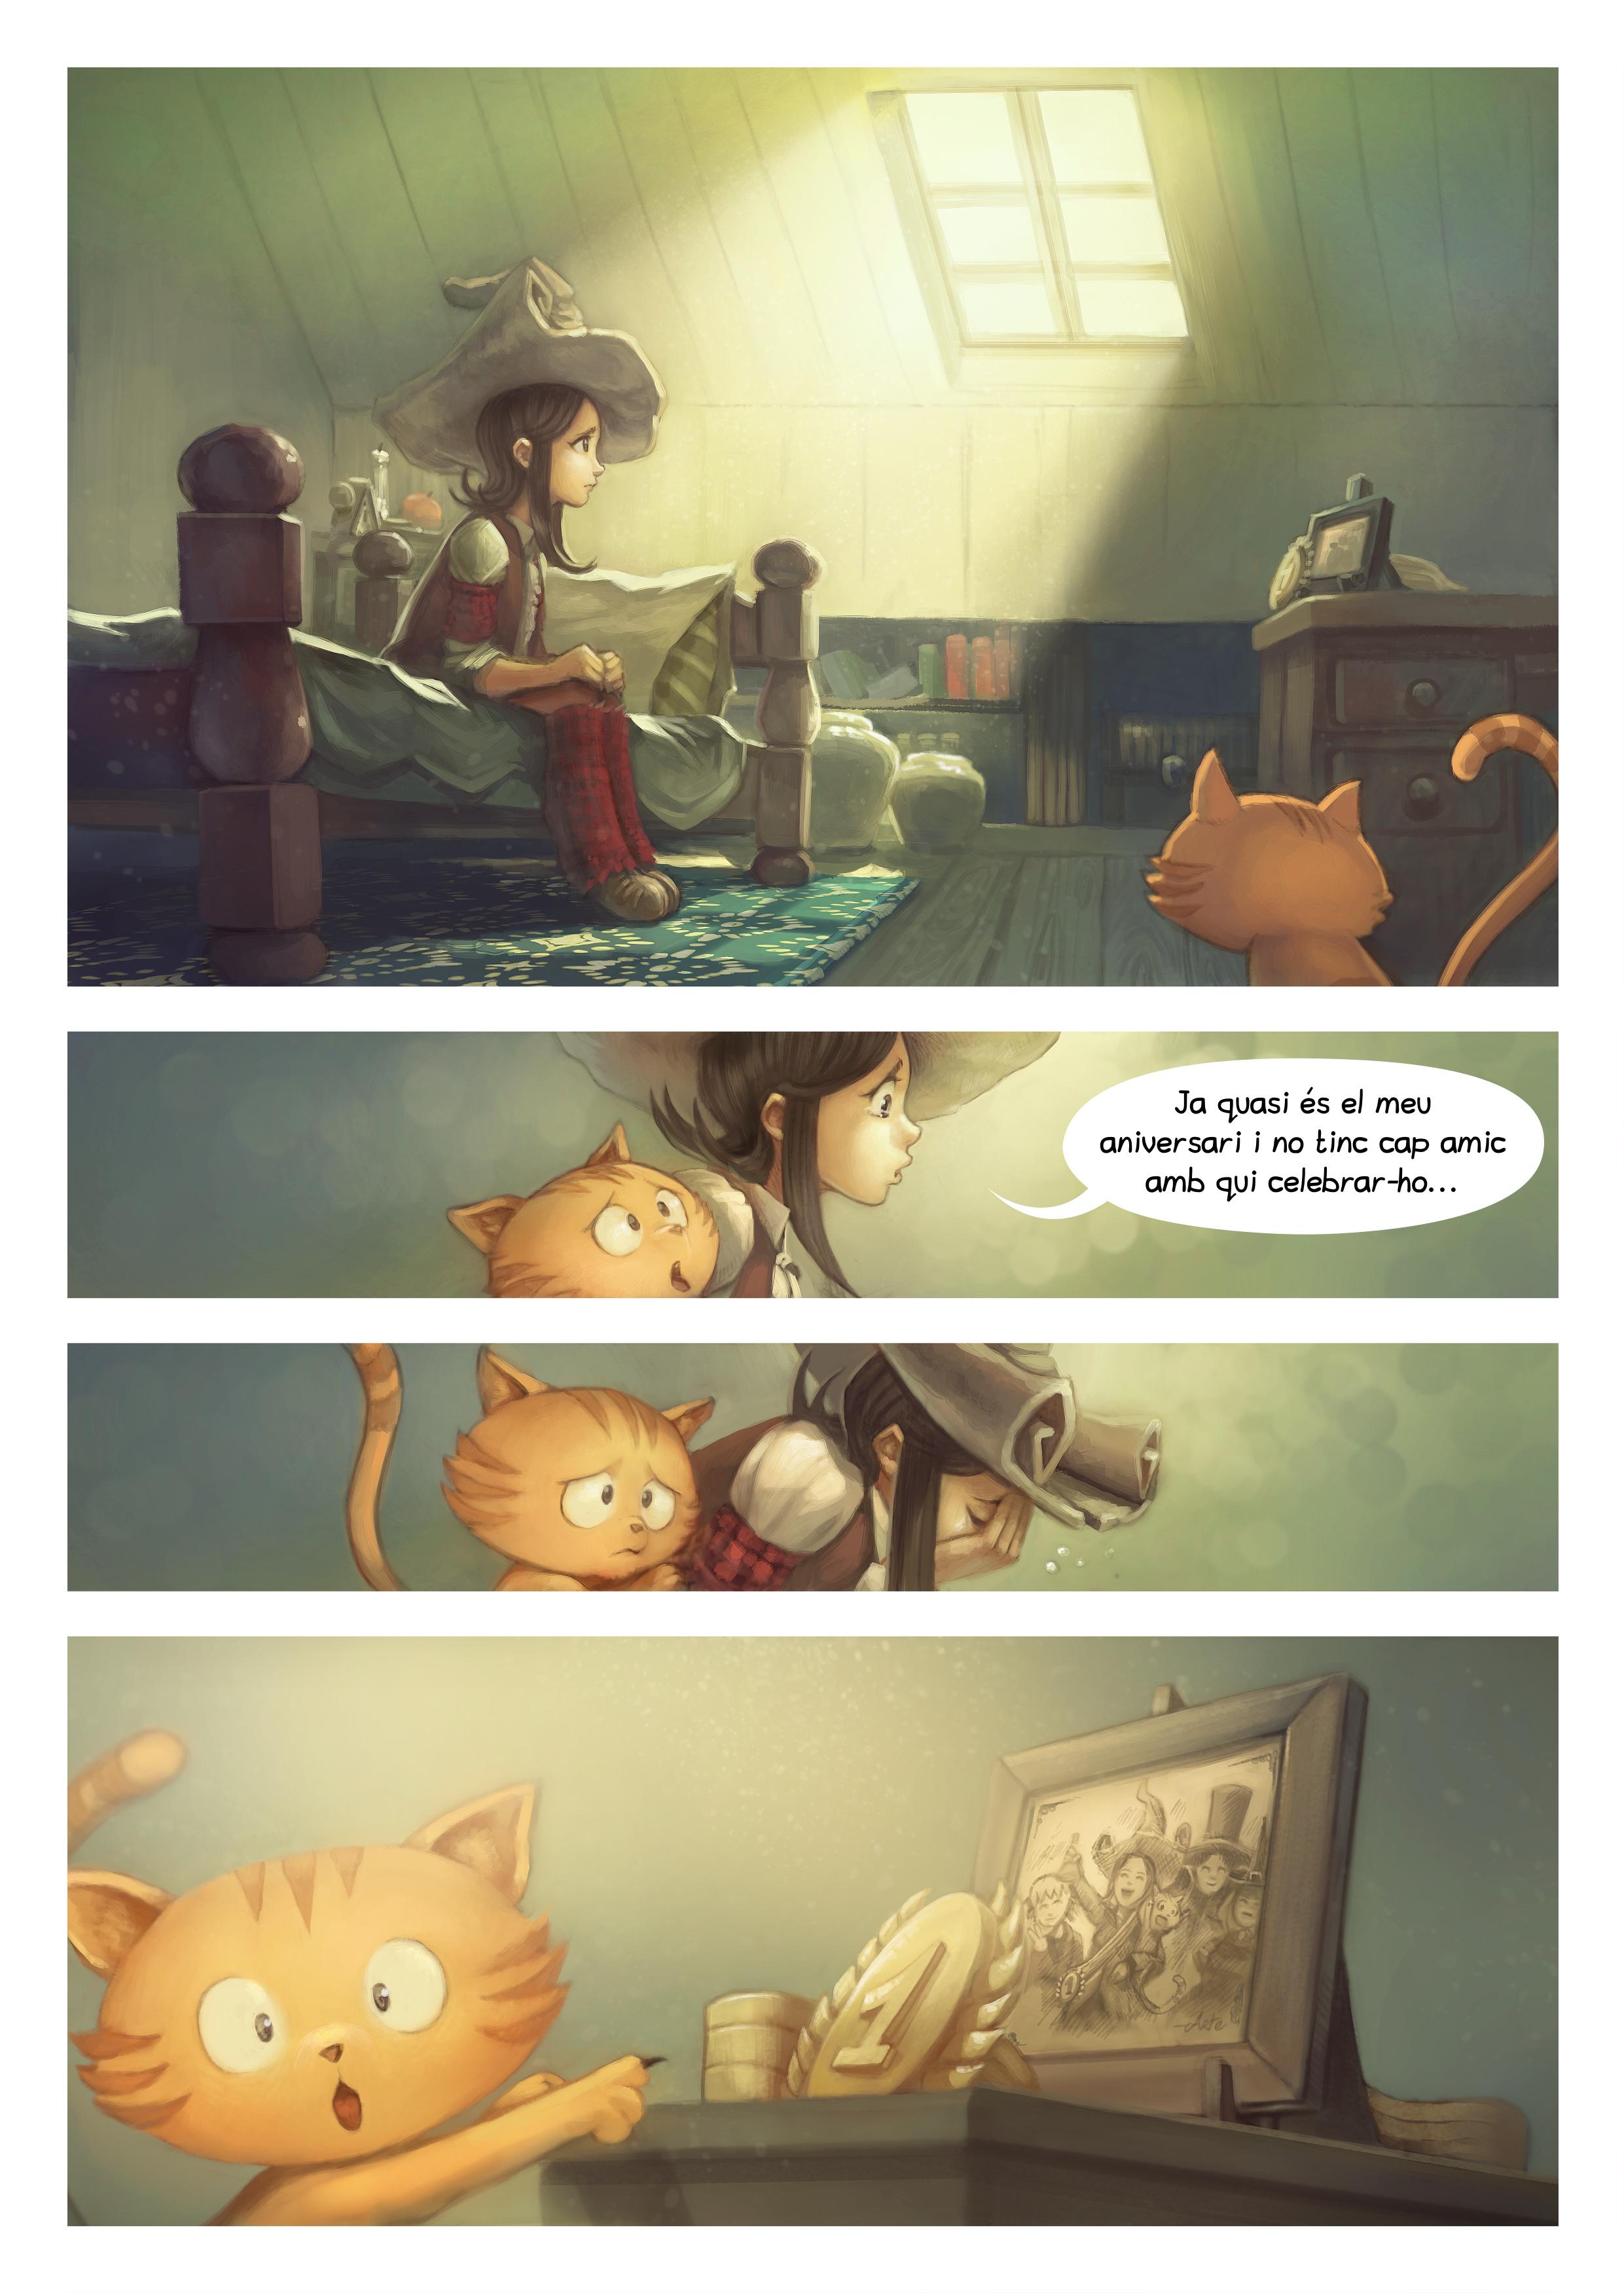 A webcomic page of Pepper&Carrot, episodi 8 [ca], pàgina 1